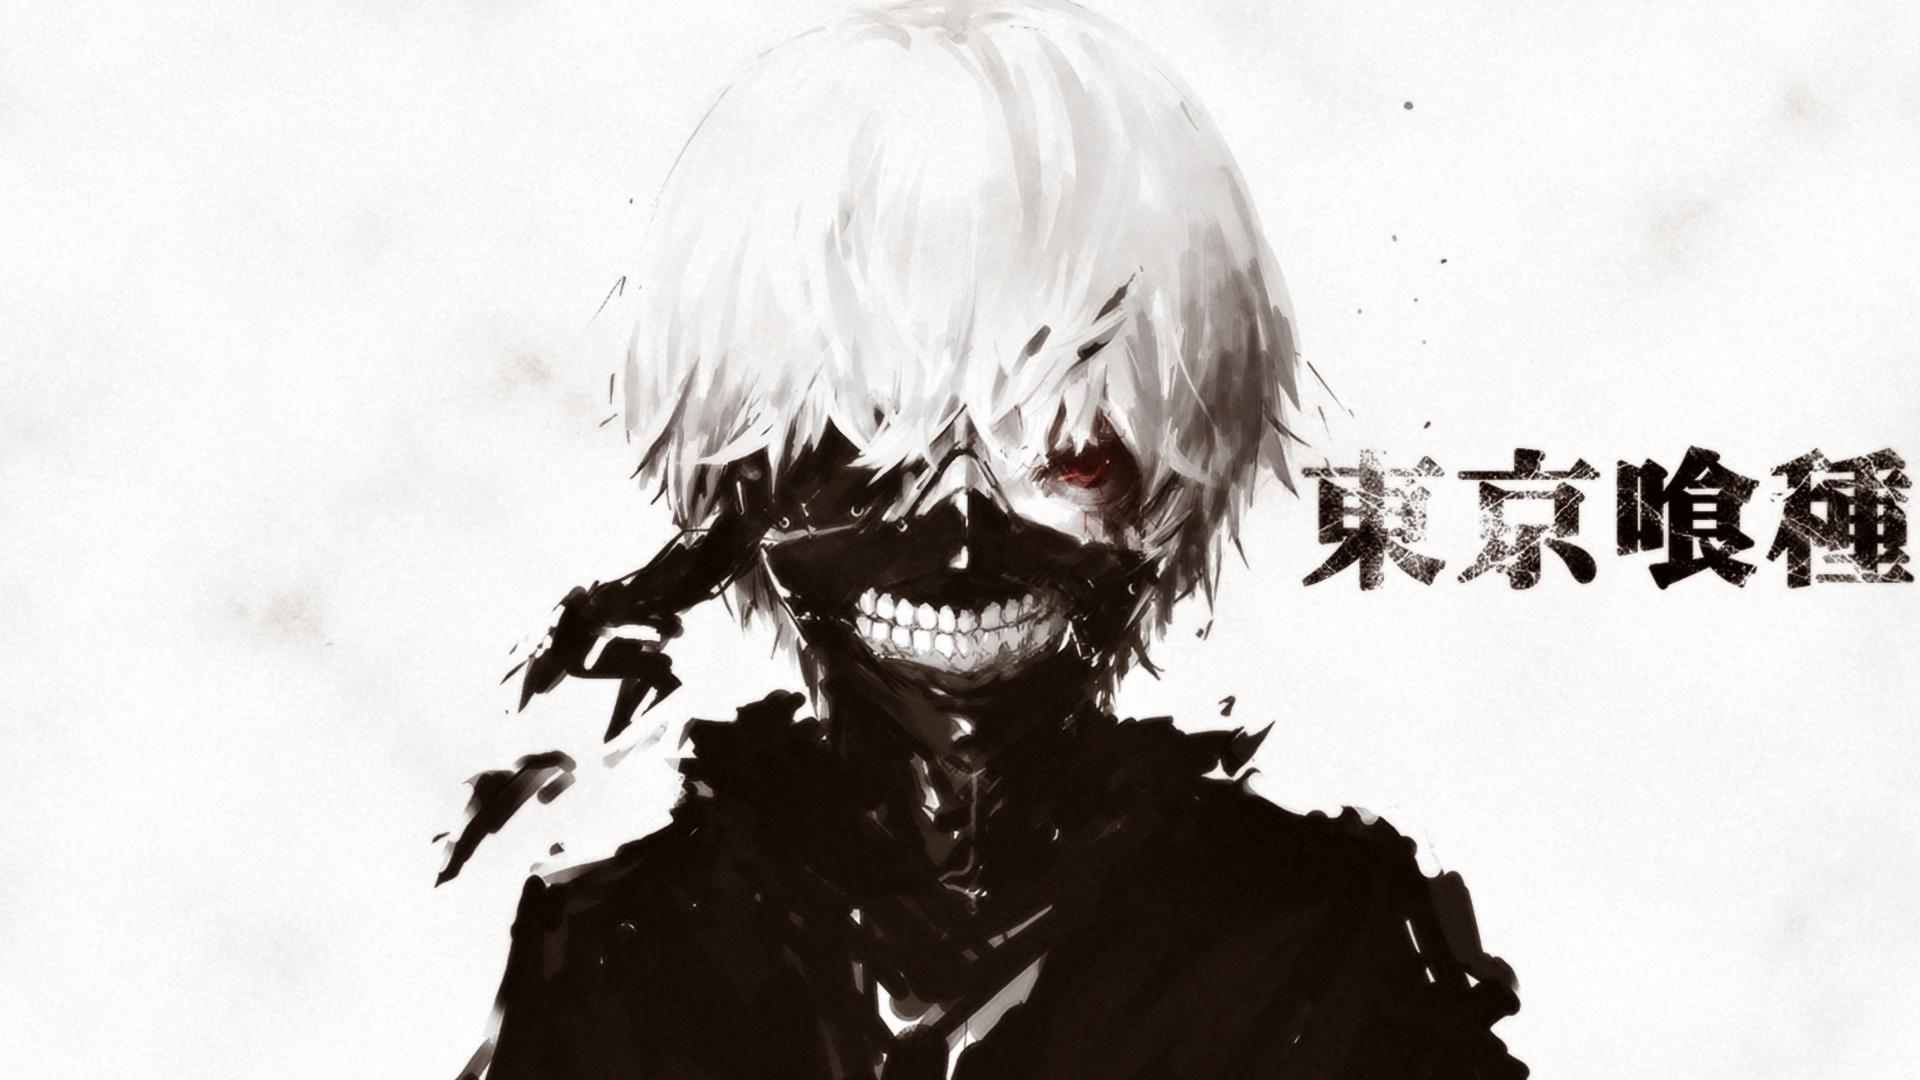 Tokyo Ghoul wallpaper 7